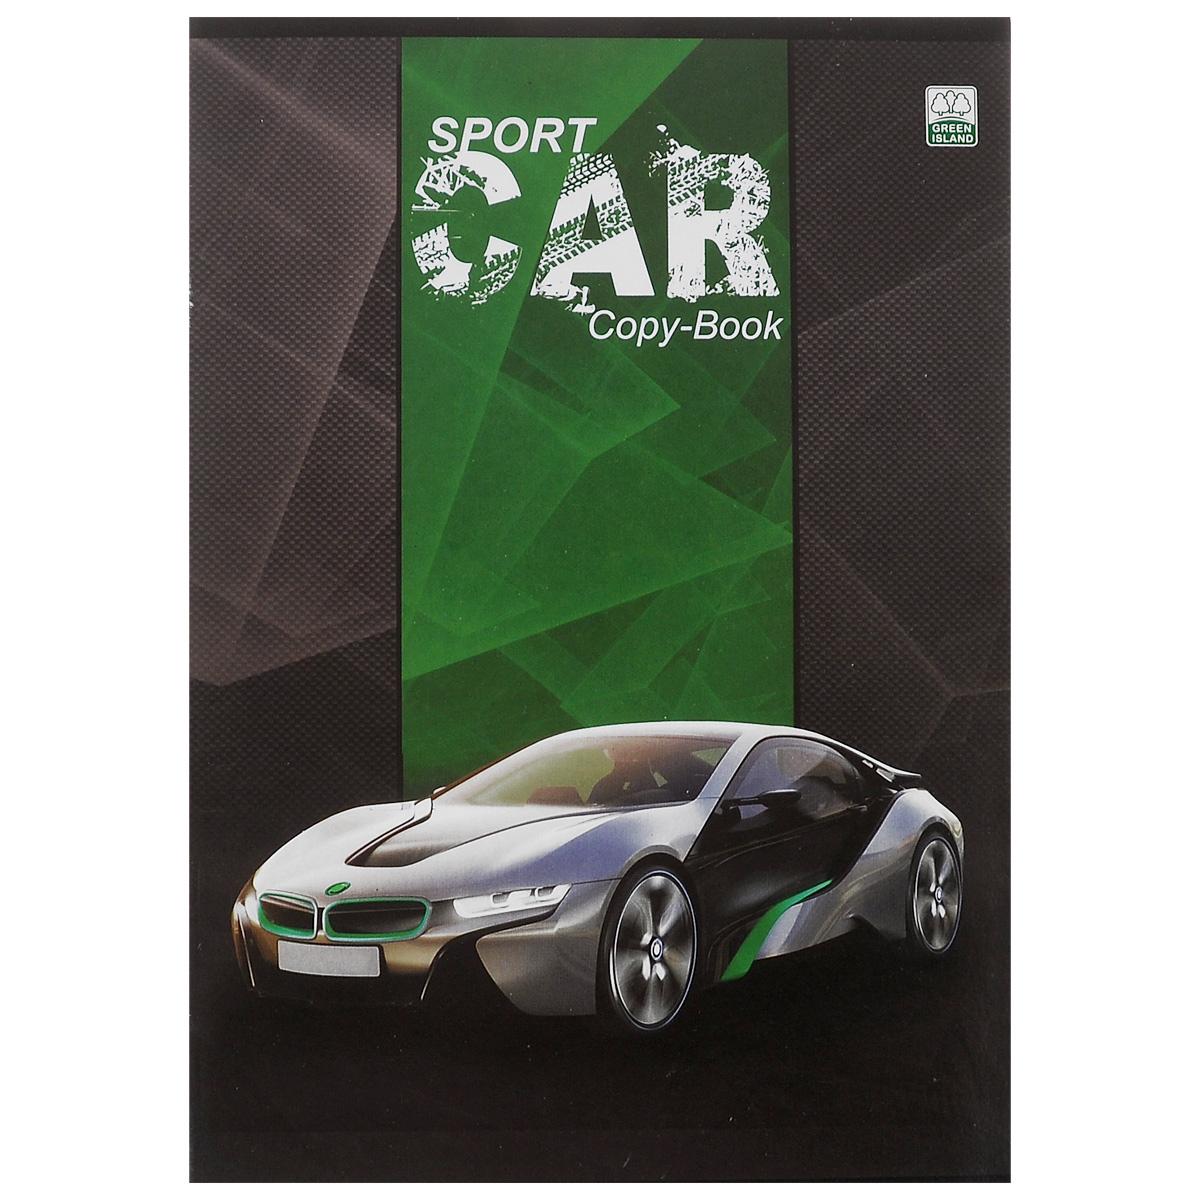 Тетрадь в клетку Sport Cars, цвет: серый, зеленый, 96 листов. 6641/372523WDУниверсальная тетрадь Sport Cars подойдет как для учебы, так и для работы. Обложка тетради выполнена из мелованного картона с спортивного автомобиля.Внутренний блок состоит из 96 листов белой бумаги со стандартной линовкой в клетку без полей. Способ крепления - скобы.